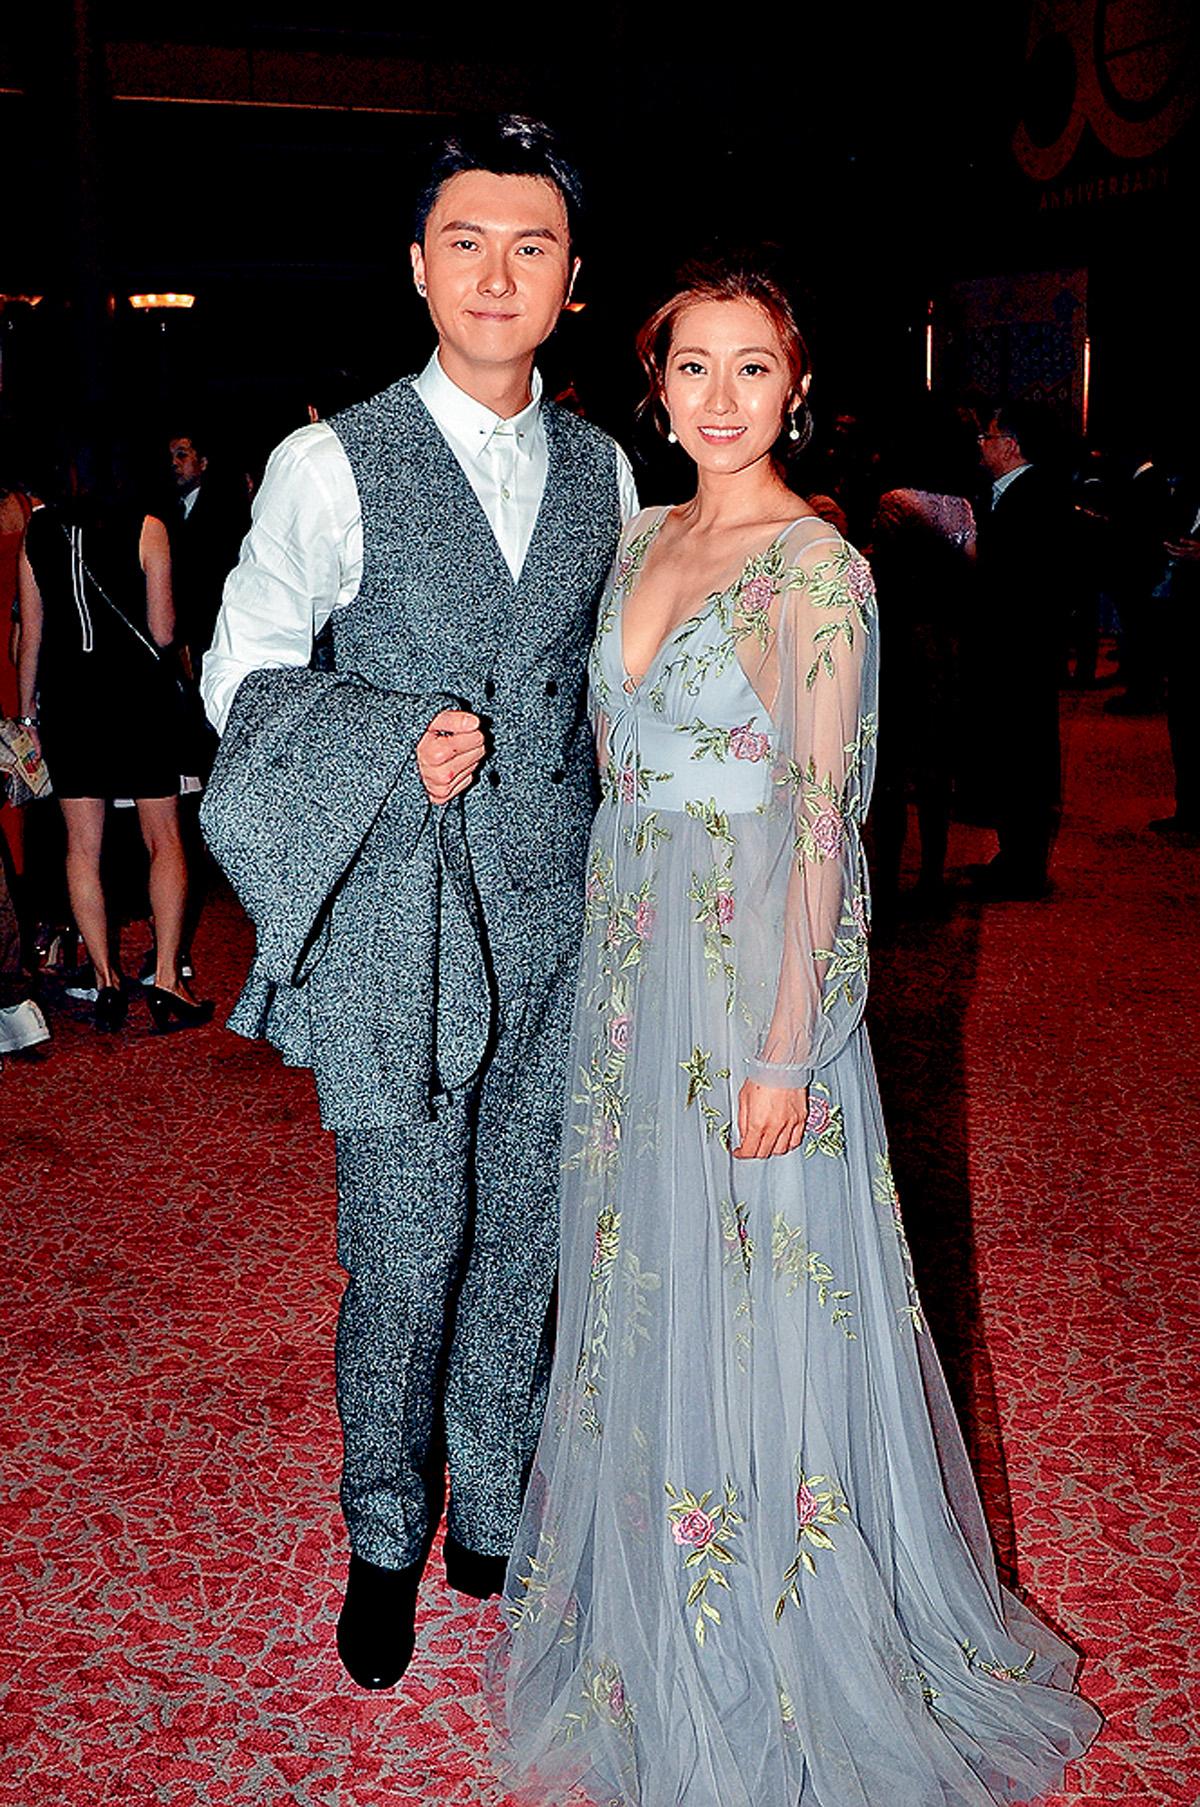 ■陳自瑤、王浩信屢傳婚變,加上多次避談老公,自然令人更加好奇二人狀況。